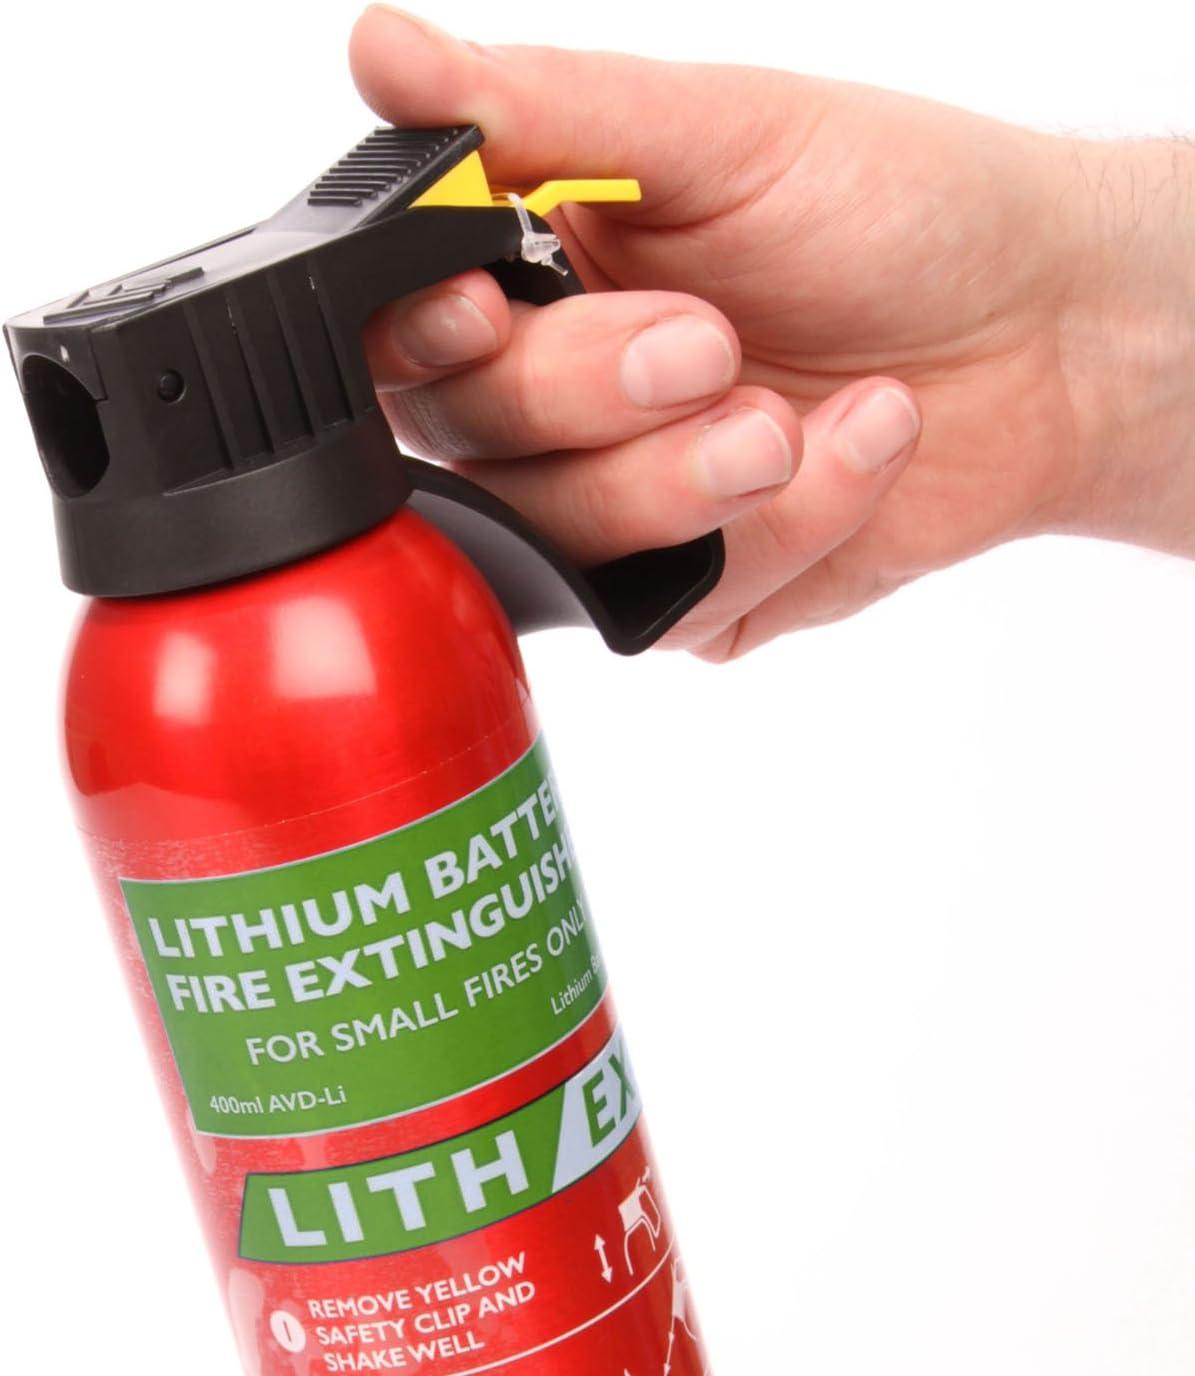 Fire Champion – lith-ex – Batteria al litio estintore – 400 ml – 3-in-1  casa/auto/ufficio mini estintore : Amazon.it: Fai da te